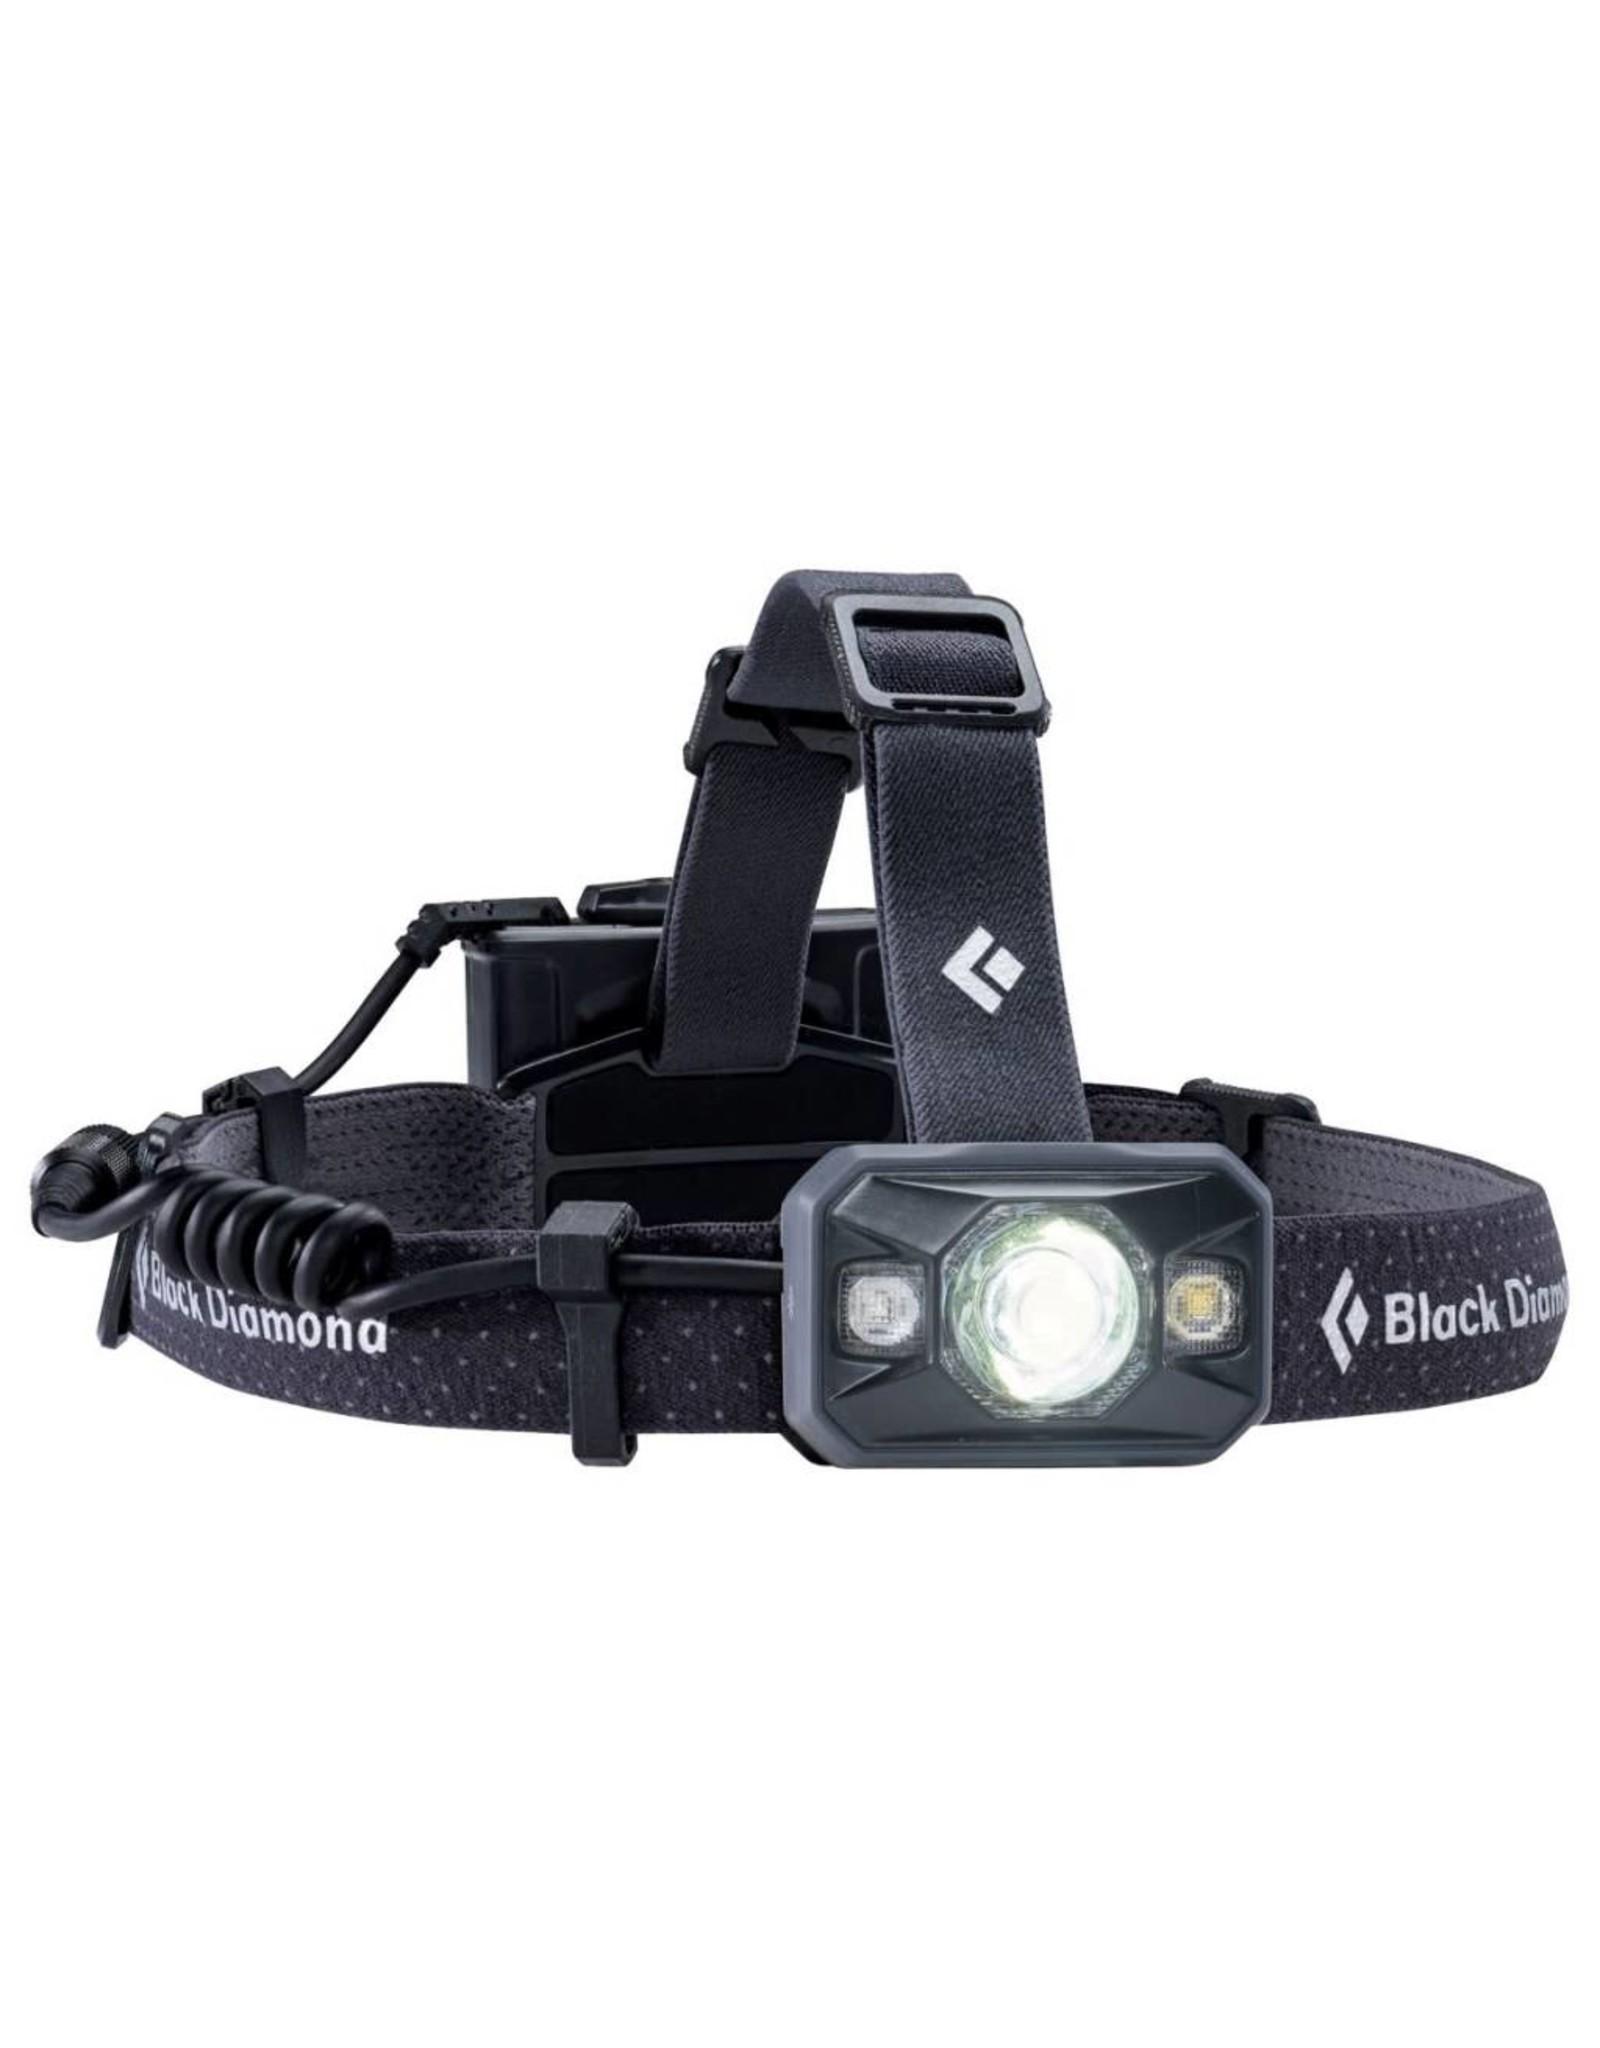 Black Diamond Black Diamond Icon 500 Headlamp